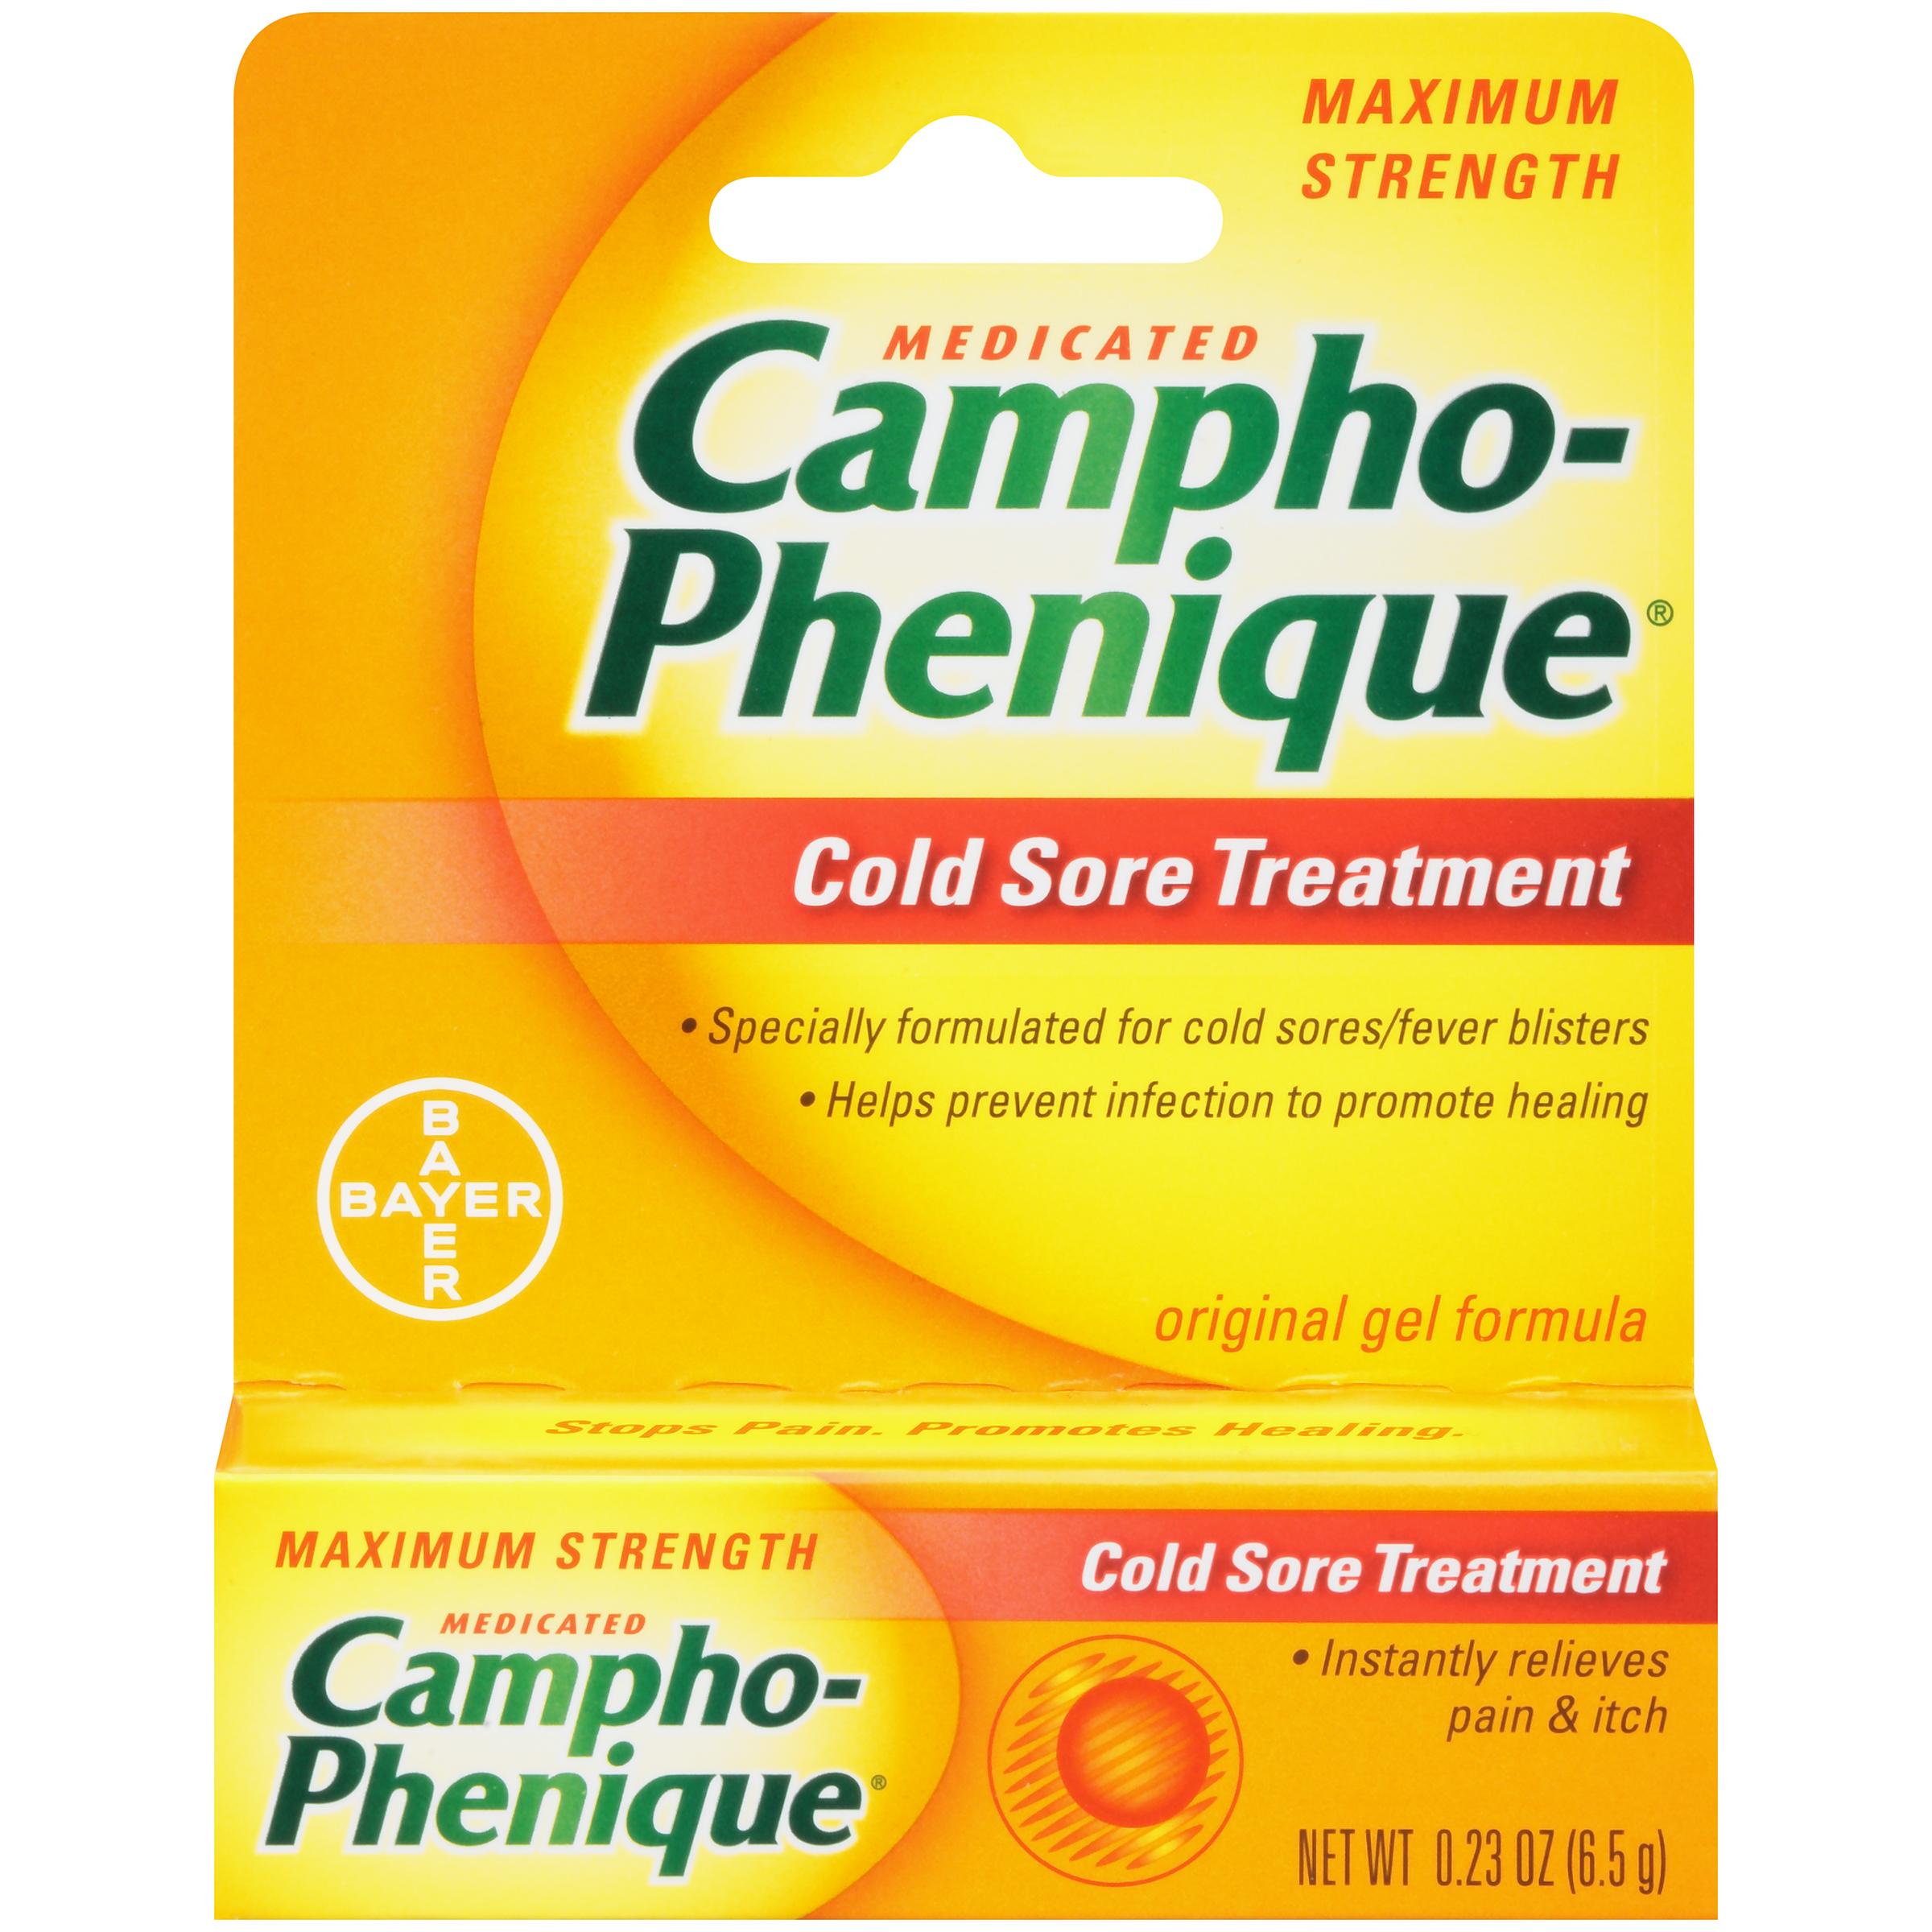 Campho-Phenique Medicated Cold Sore Treatment Maximum Strength Original Gel, 0.23 Oz